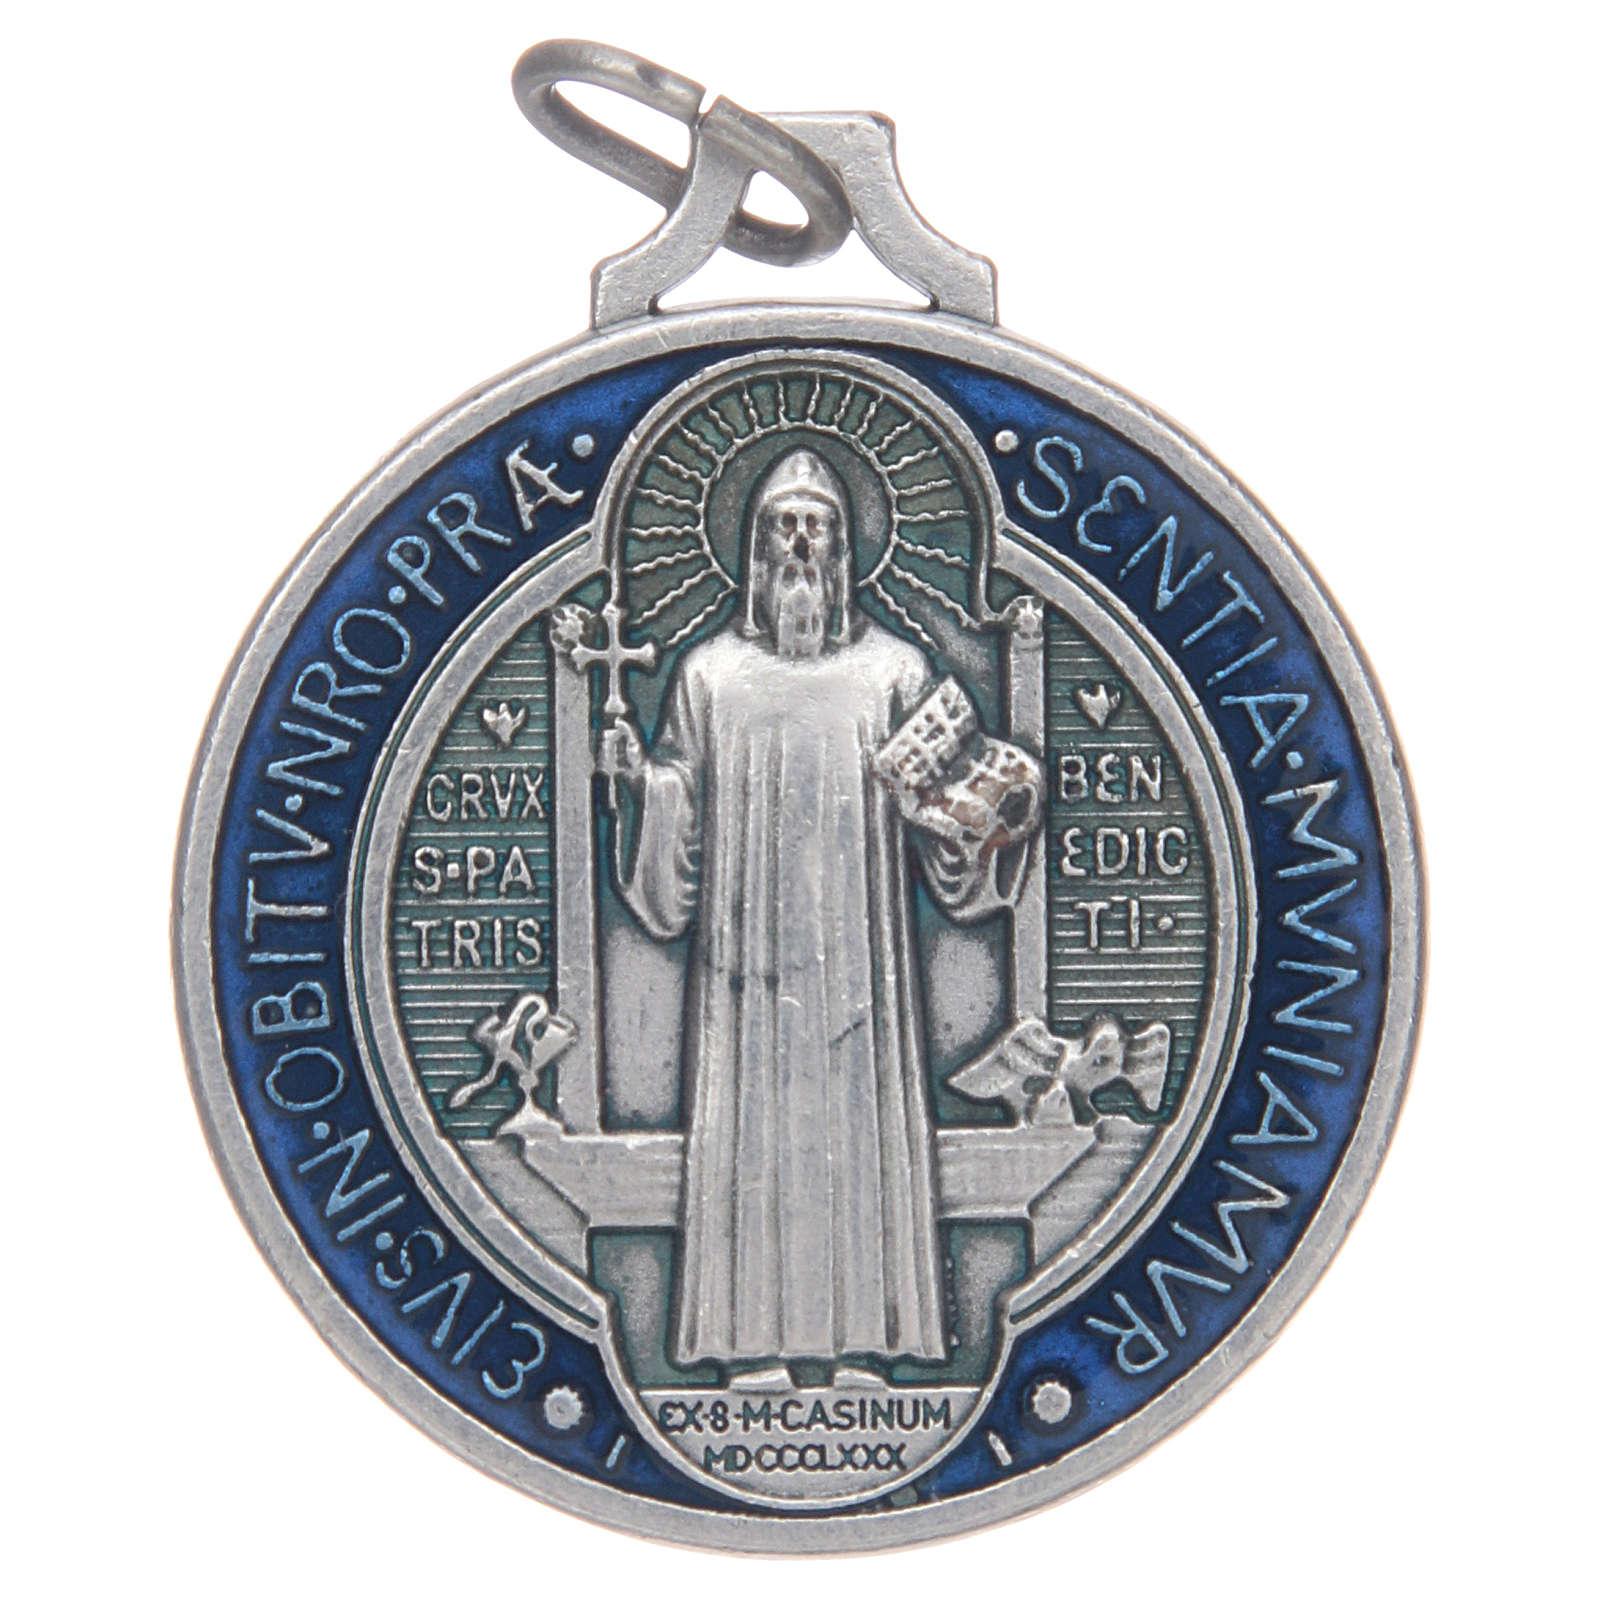 Medalha São Bento zamak prateada esmaltada tamanhos diferentes 4